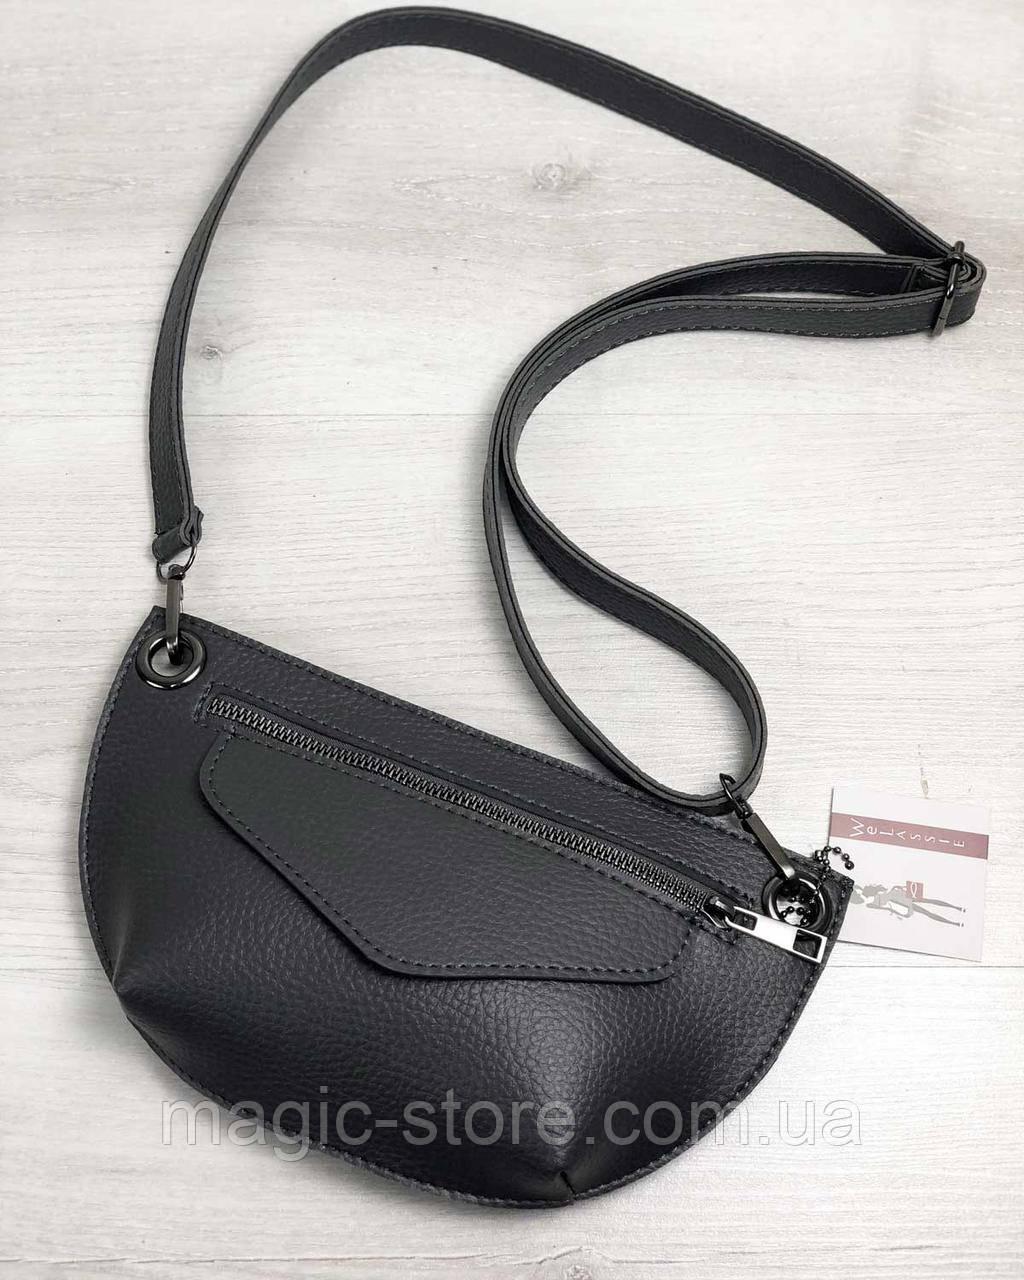 Женская сумка сумка на пояс- клатч Нана серого цвета